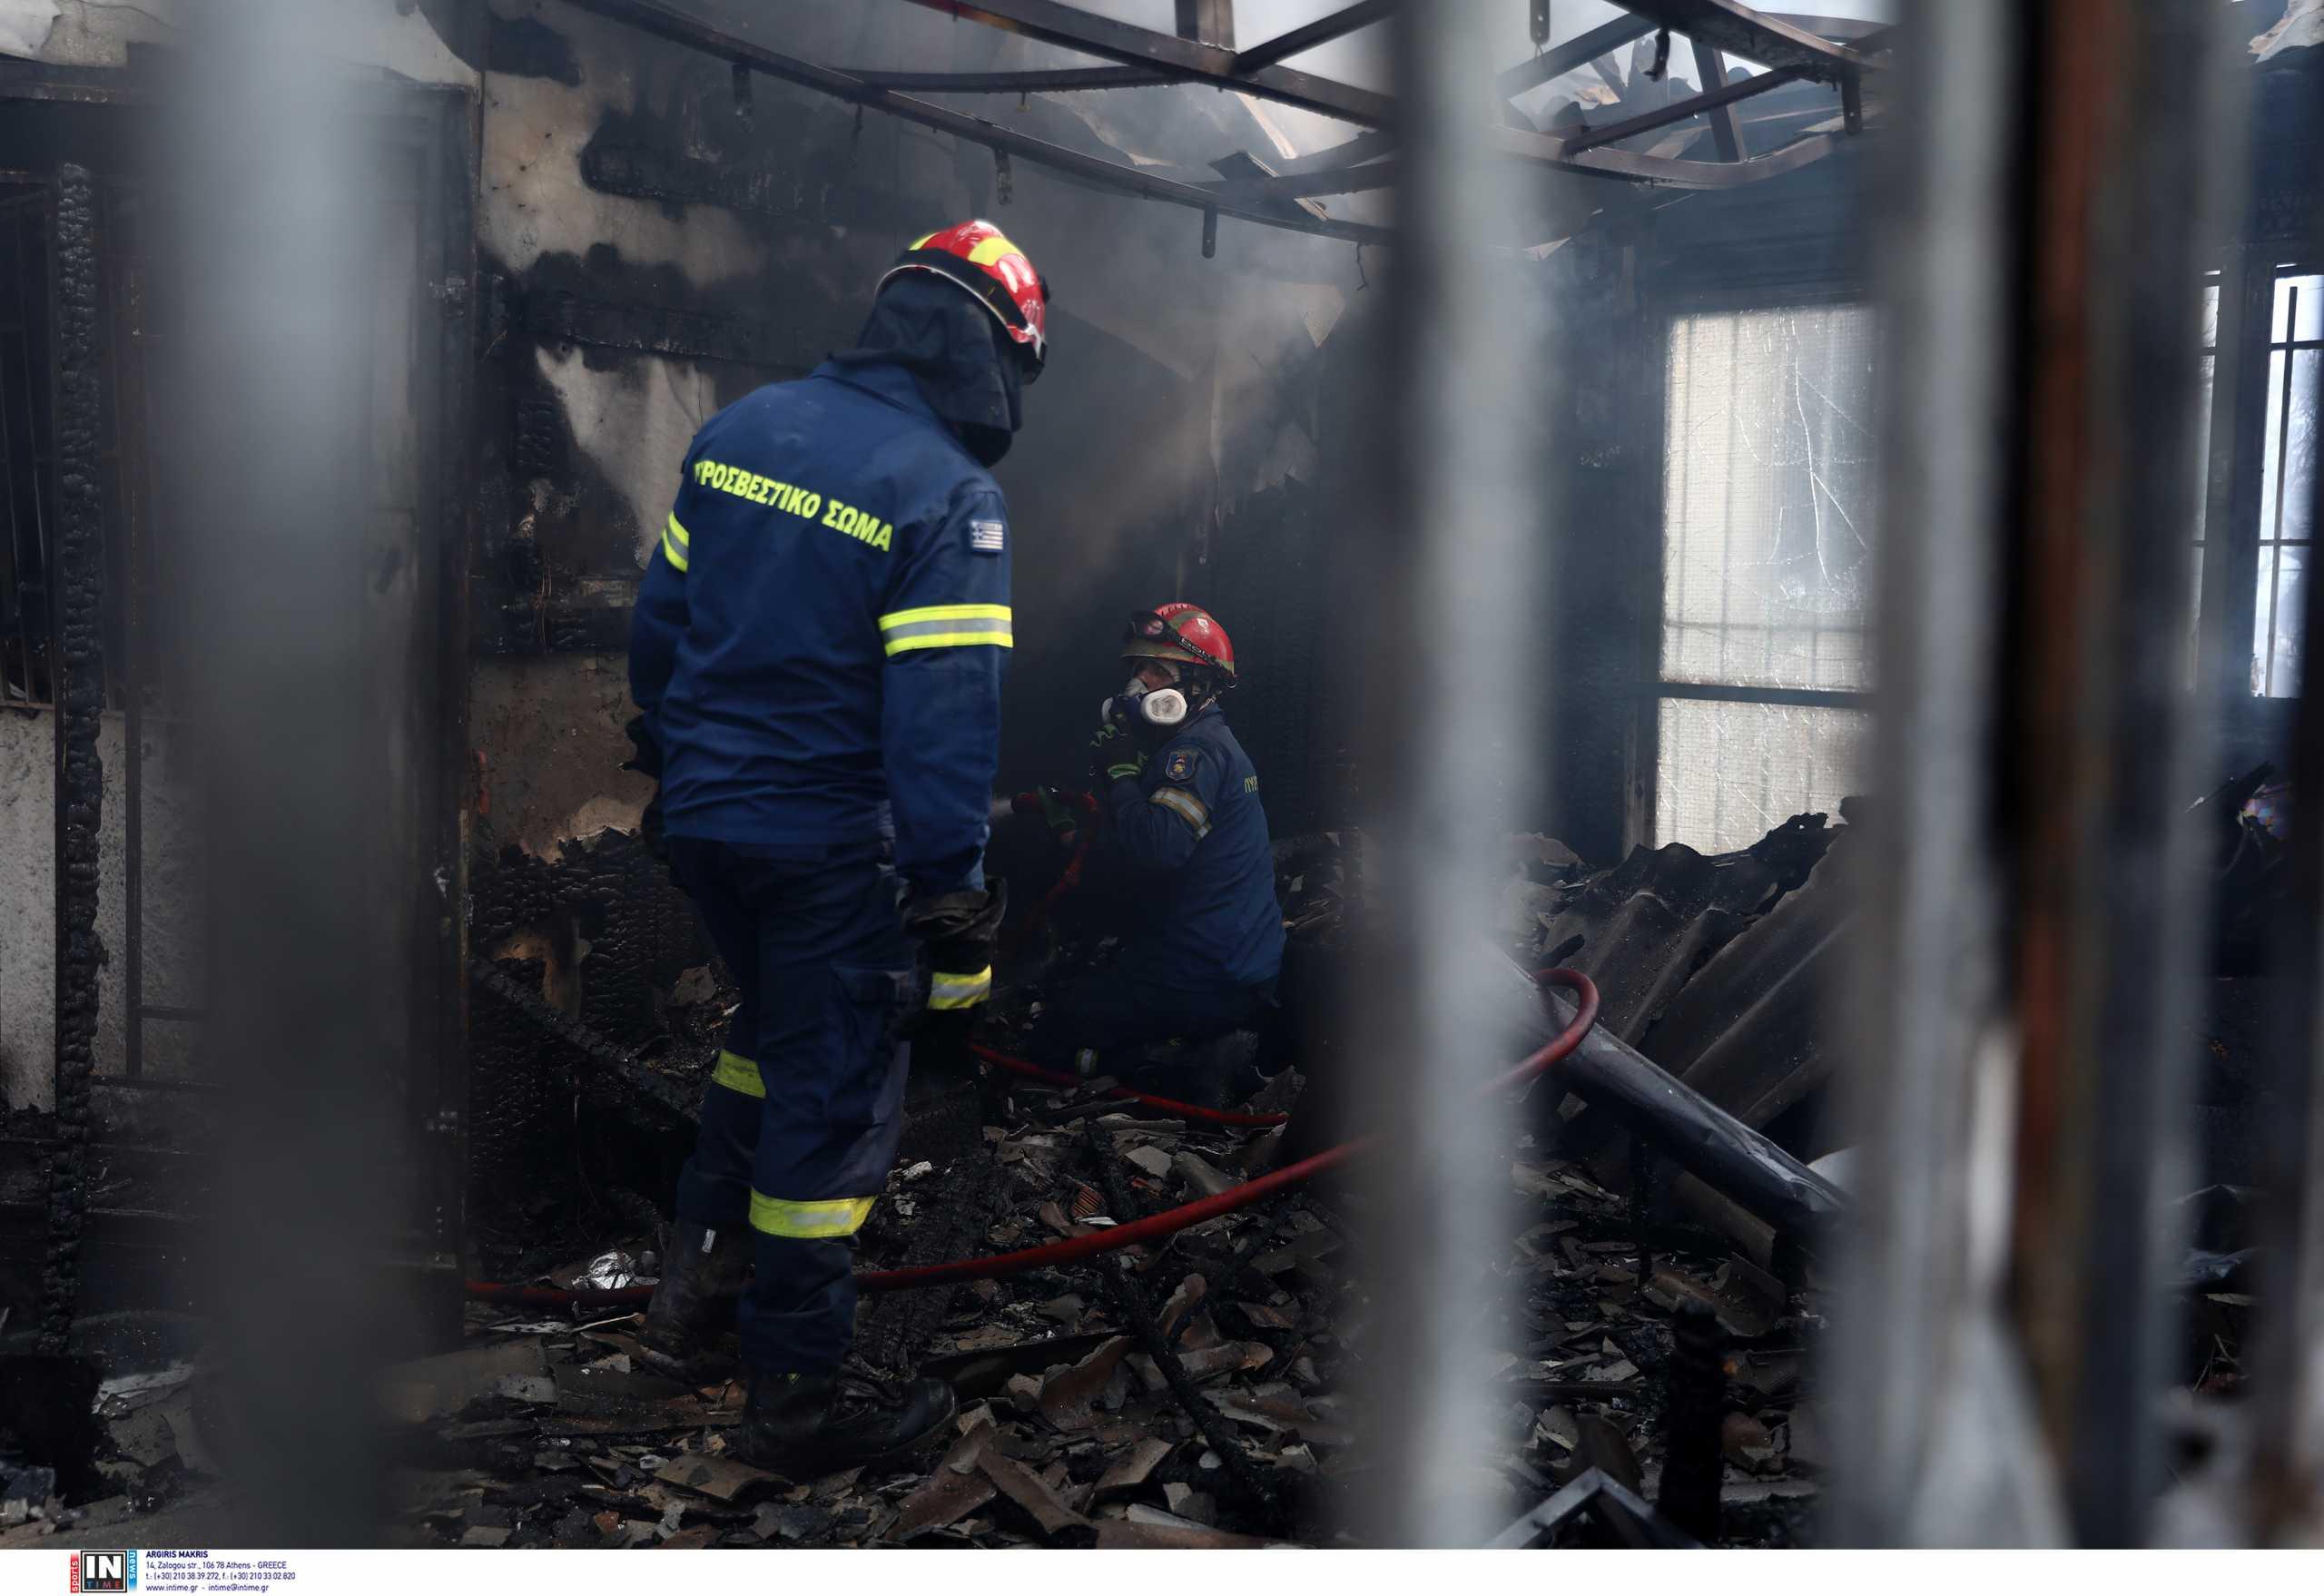 Φωτιά στα Βίλια: Σε ύφεση η πυρκαγιά, ισχυρές δυνάμεις παραμένουν στην περιοχή